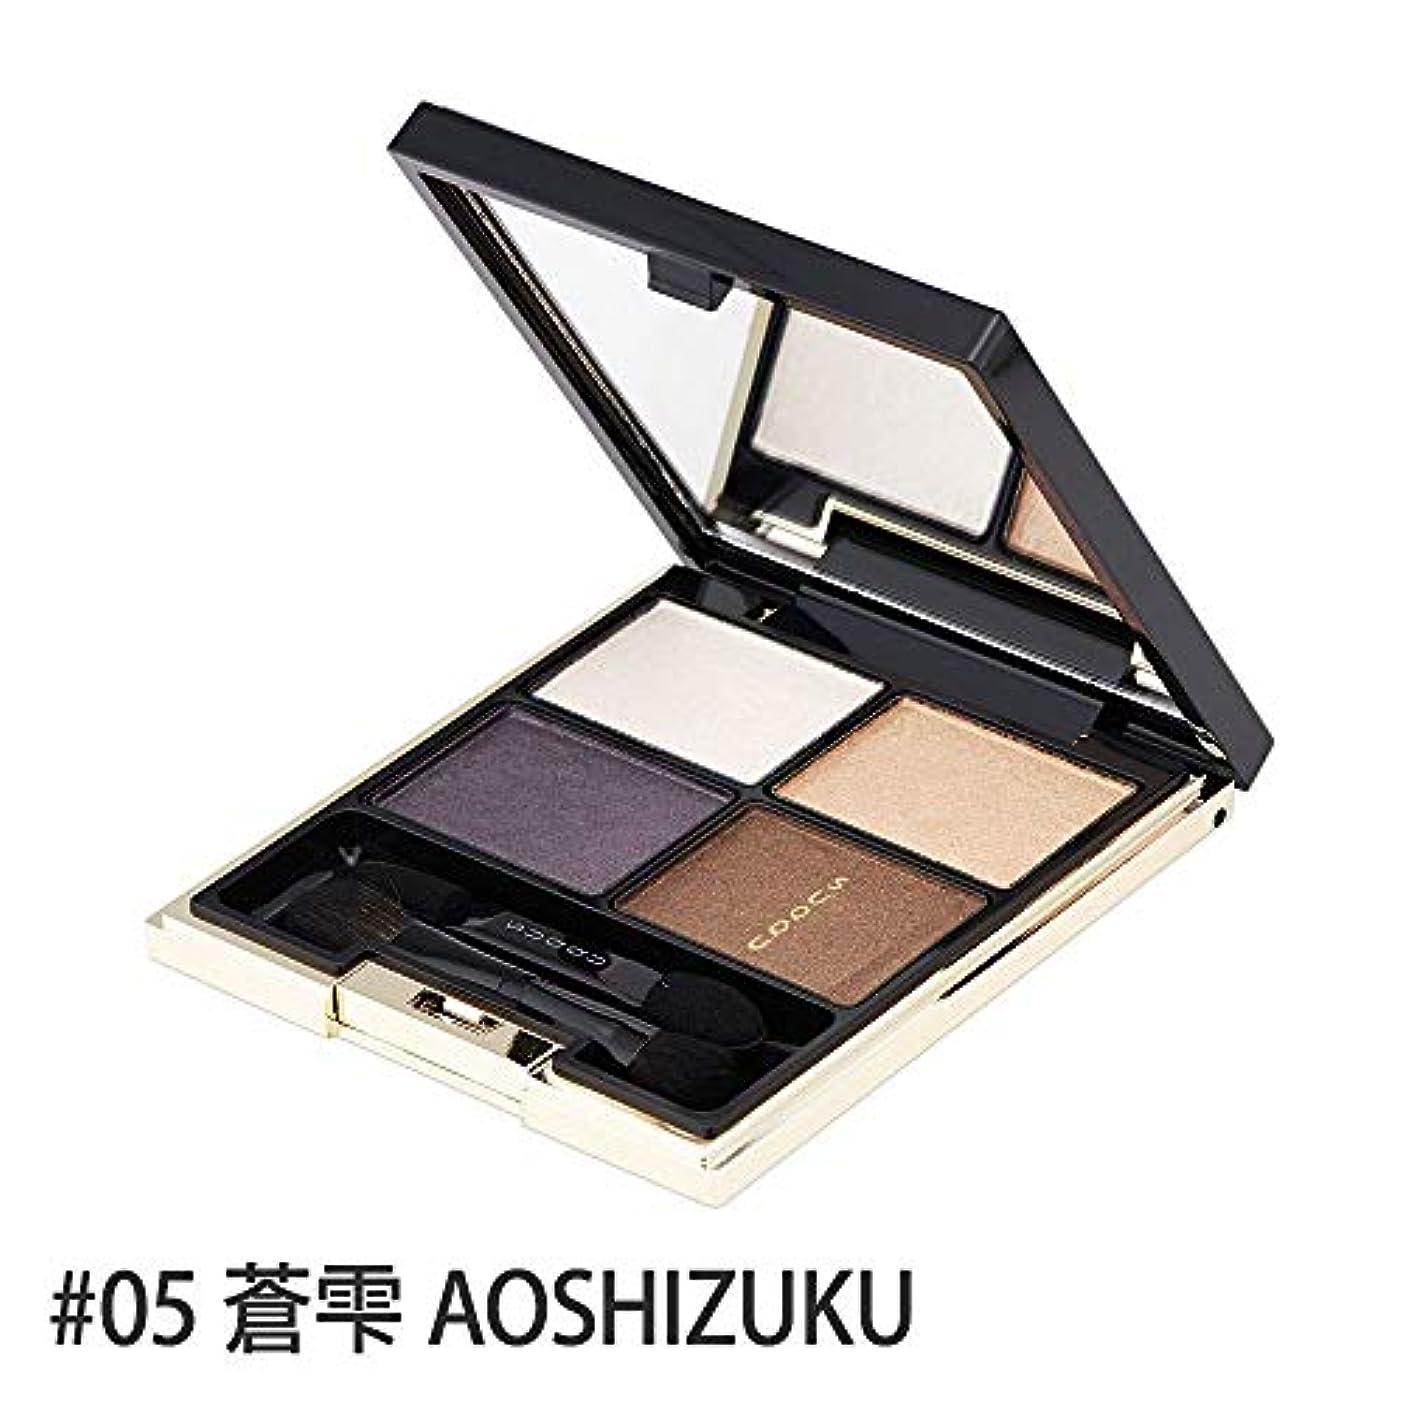 卑しい故障中どうやってSUQQU(スック) デザイニング カラー アイズ #05 蒼雫 AOSHIZUKU [並行輸入品]